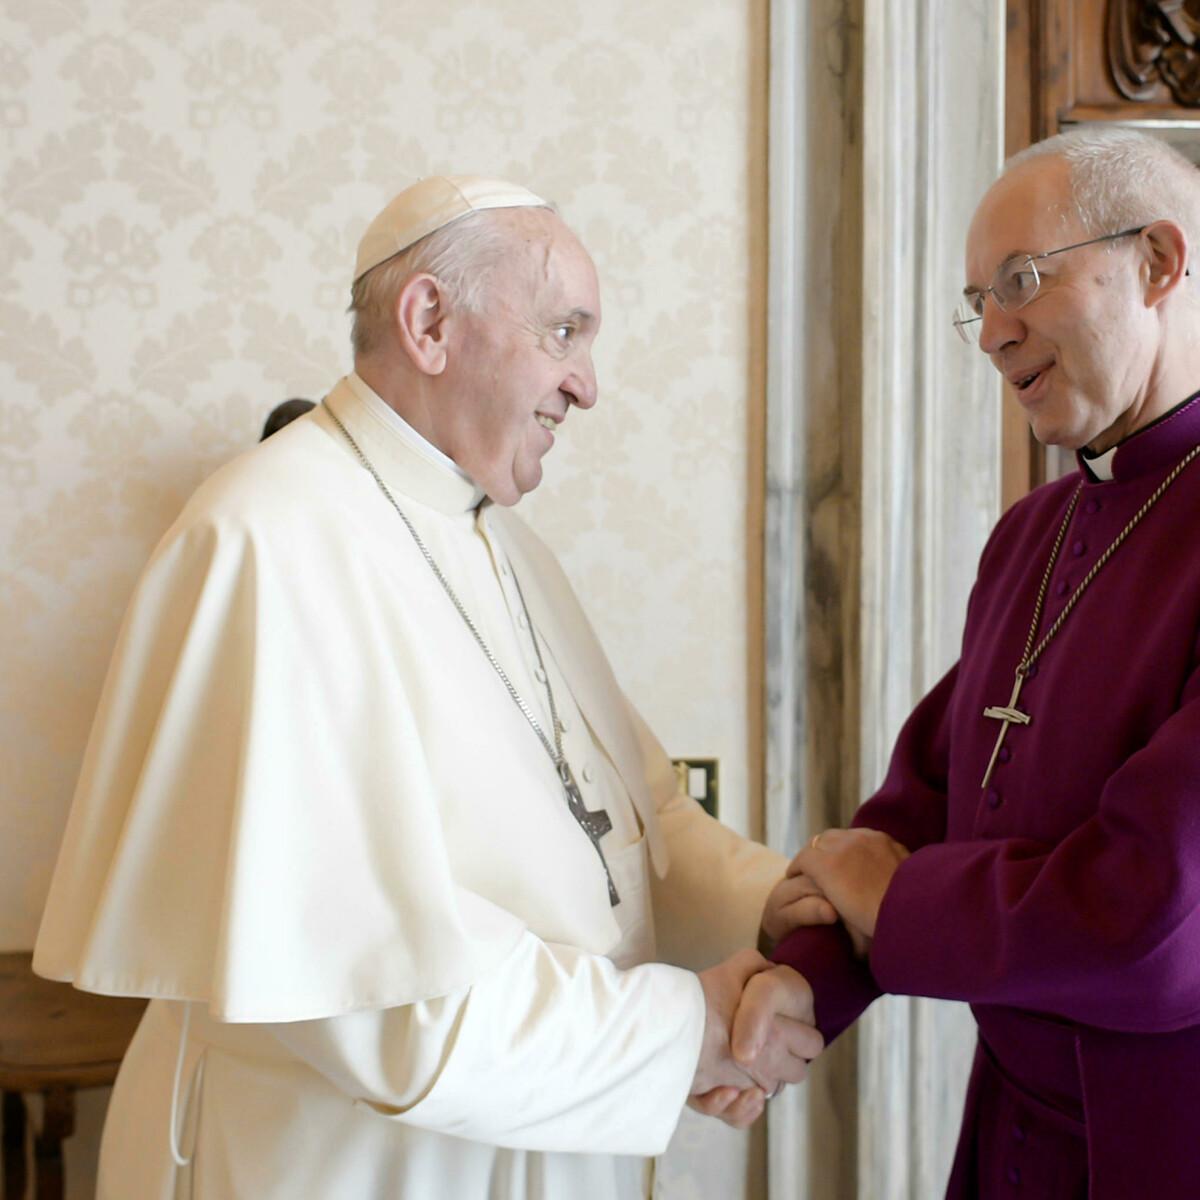 Preti donne e nozze gay, vescovo lascia per protesta la Chiesa d'Inghilterra e aderisce a quella cattolica